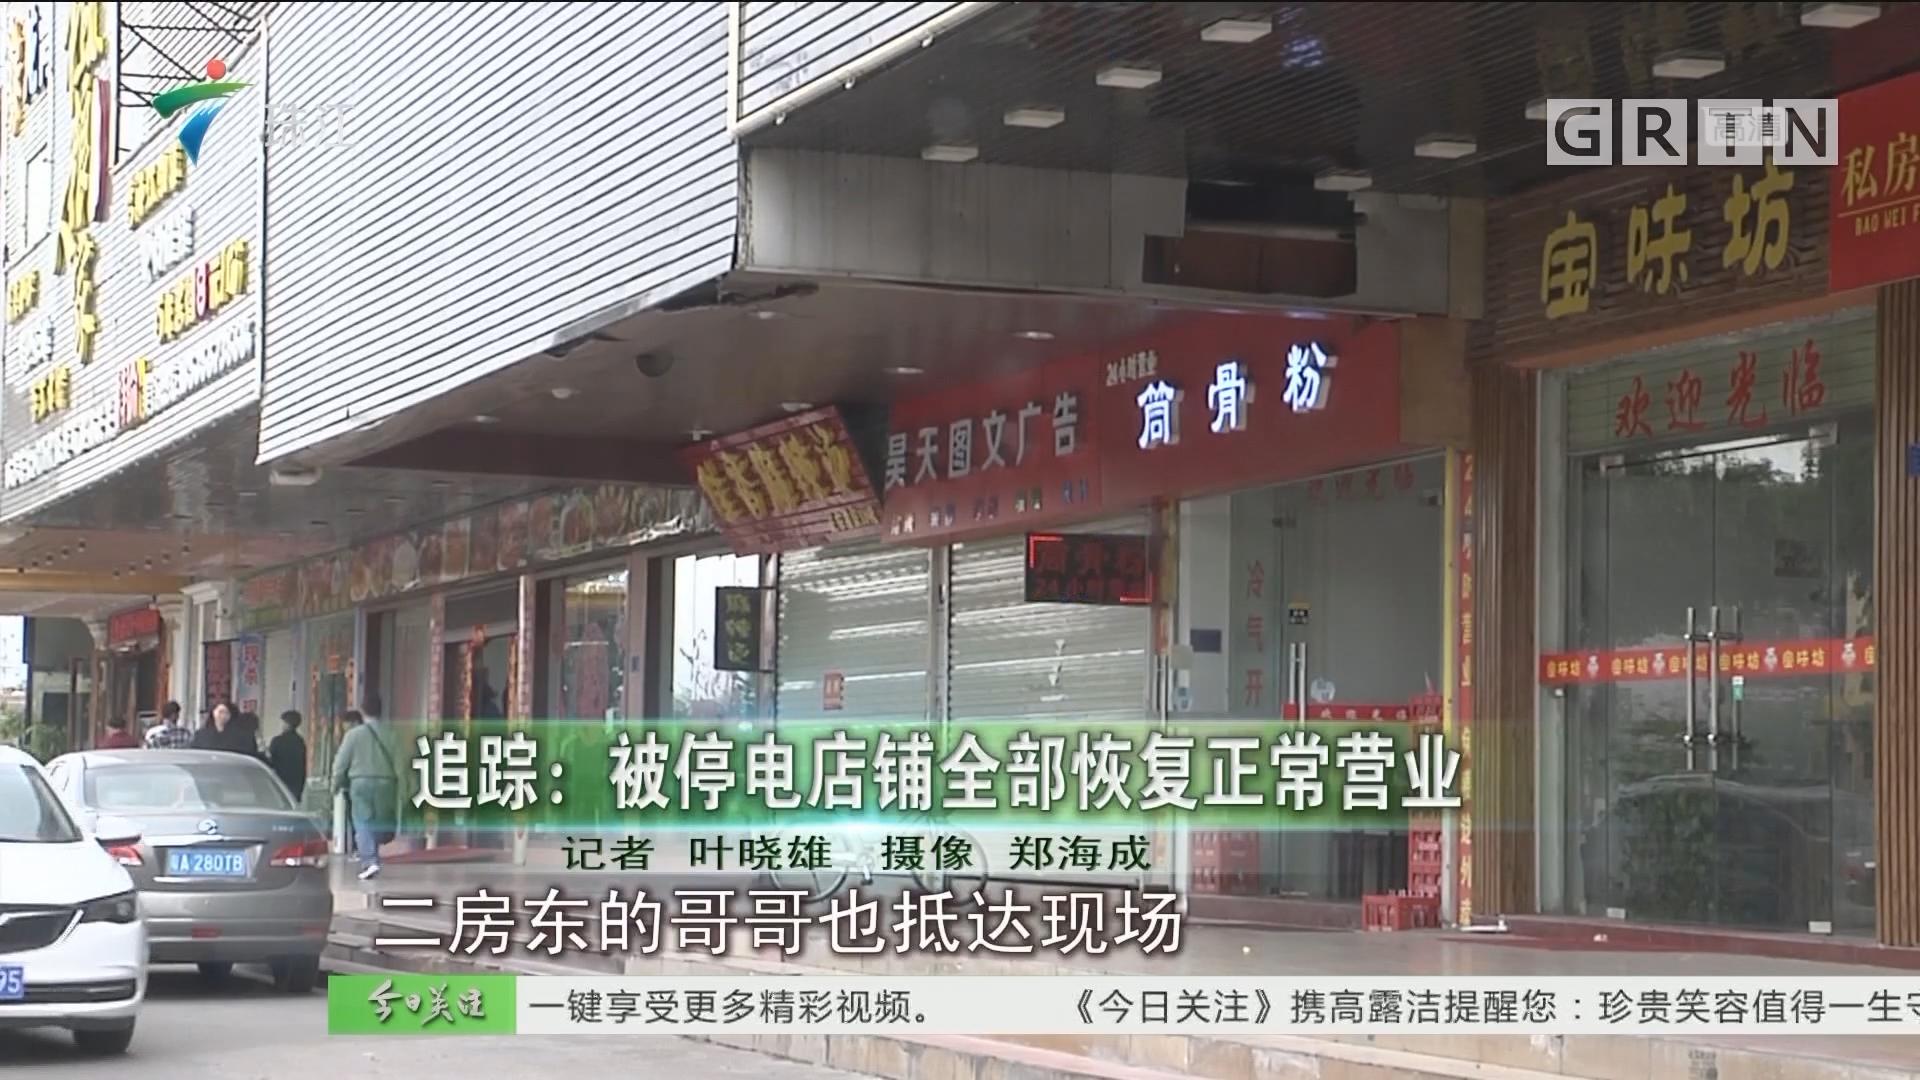 追踪:被停电店铺全部恢复正常营业